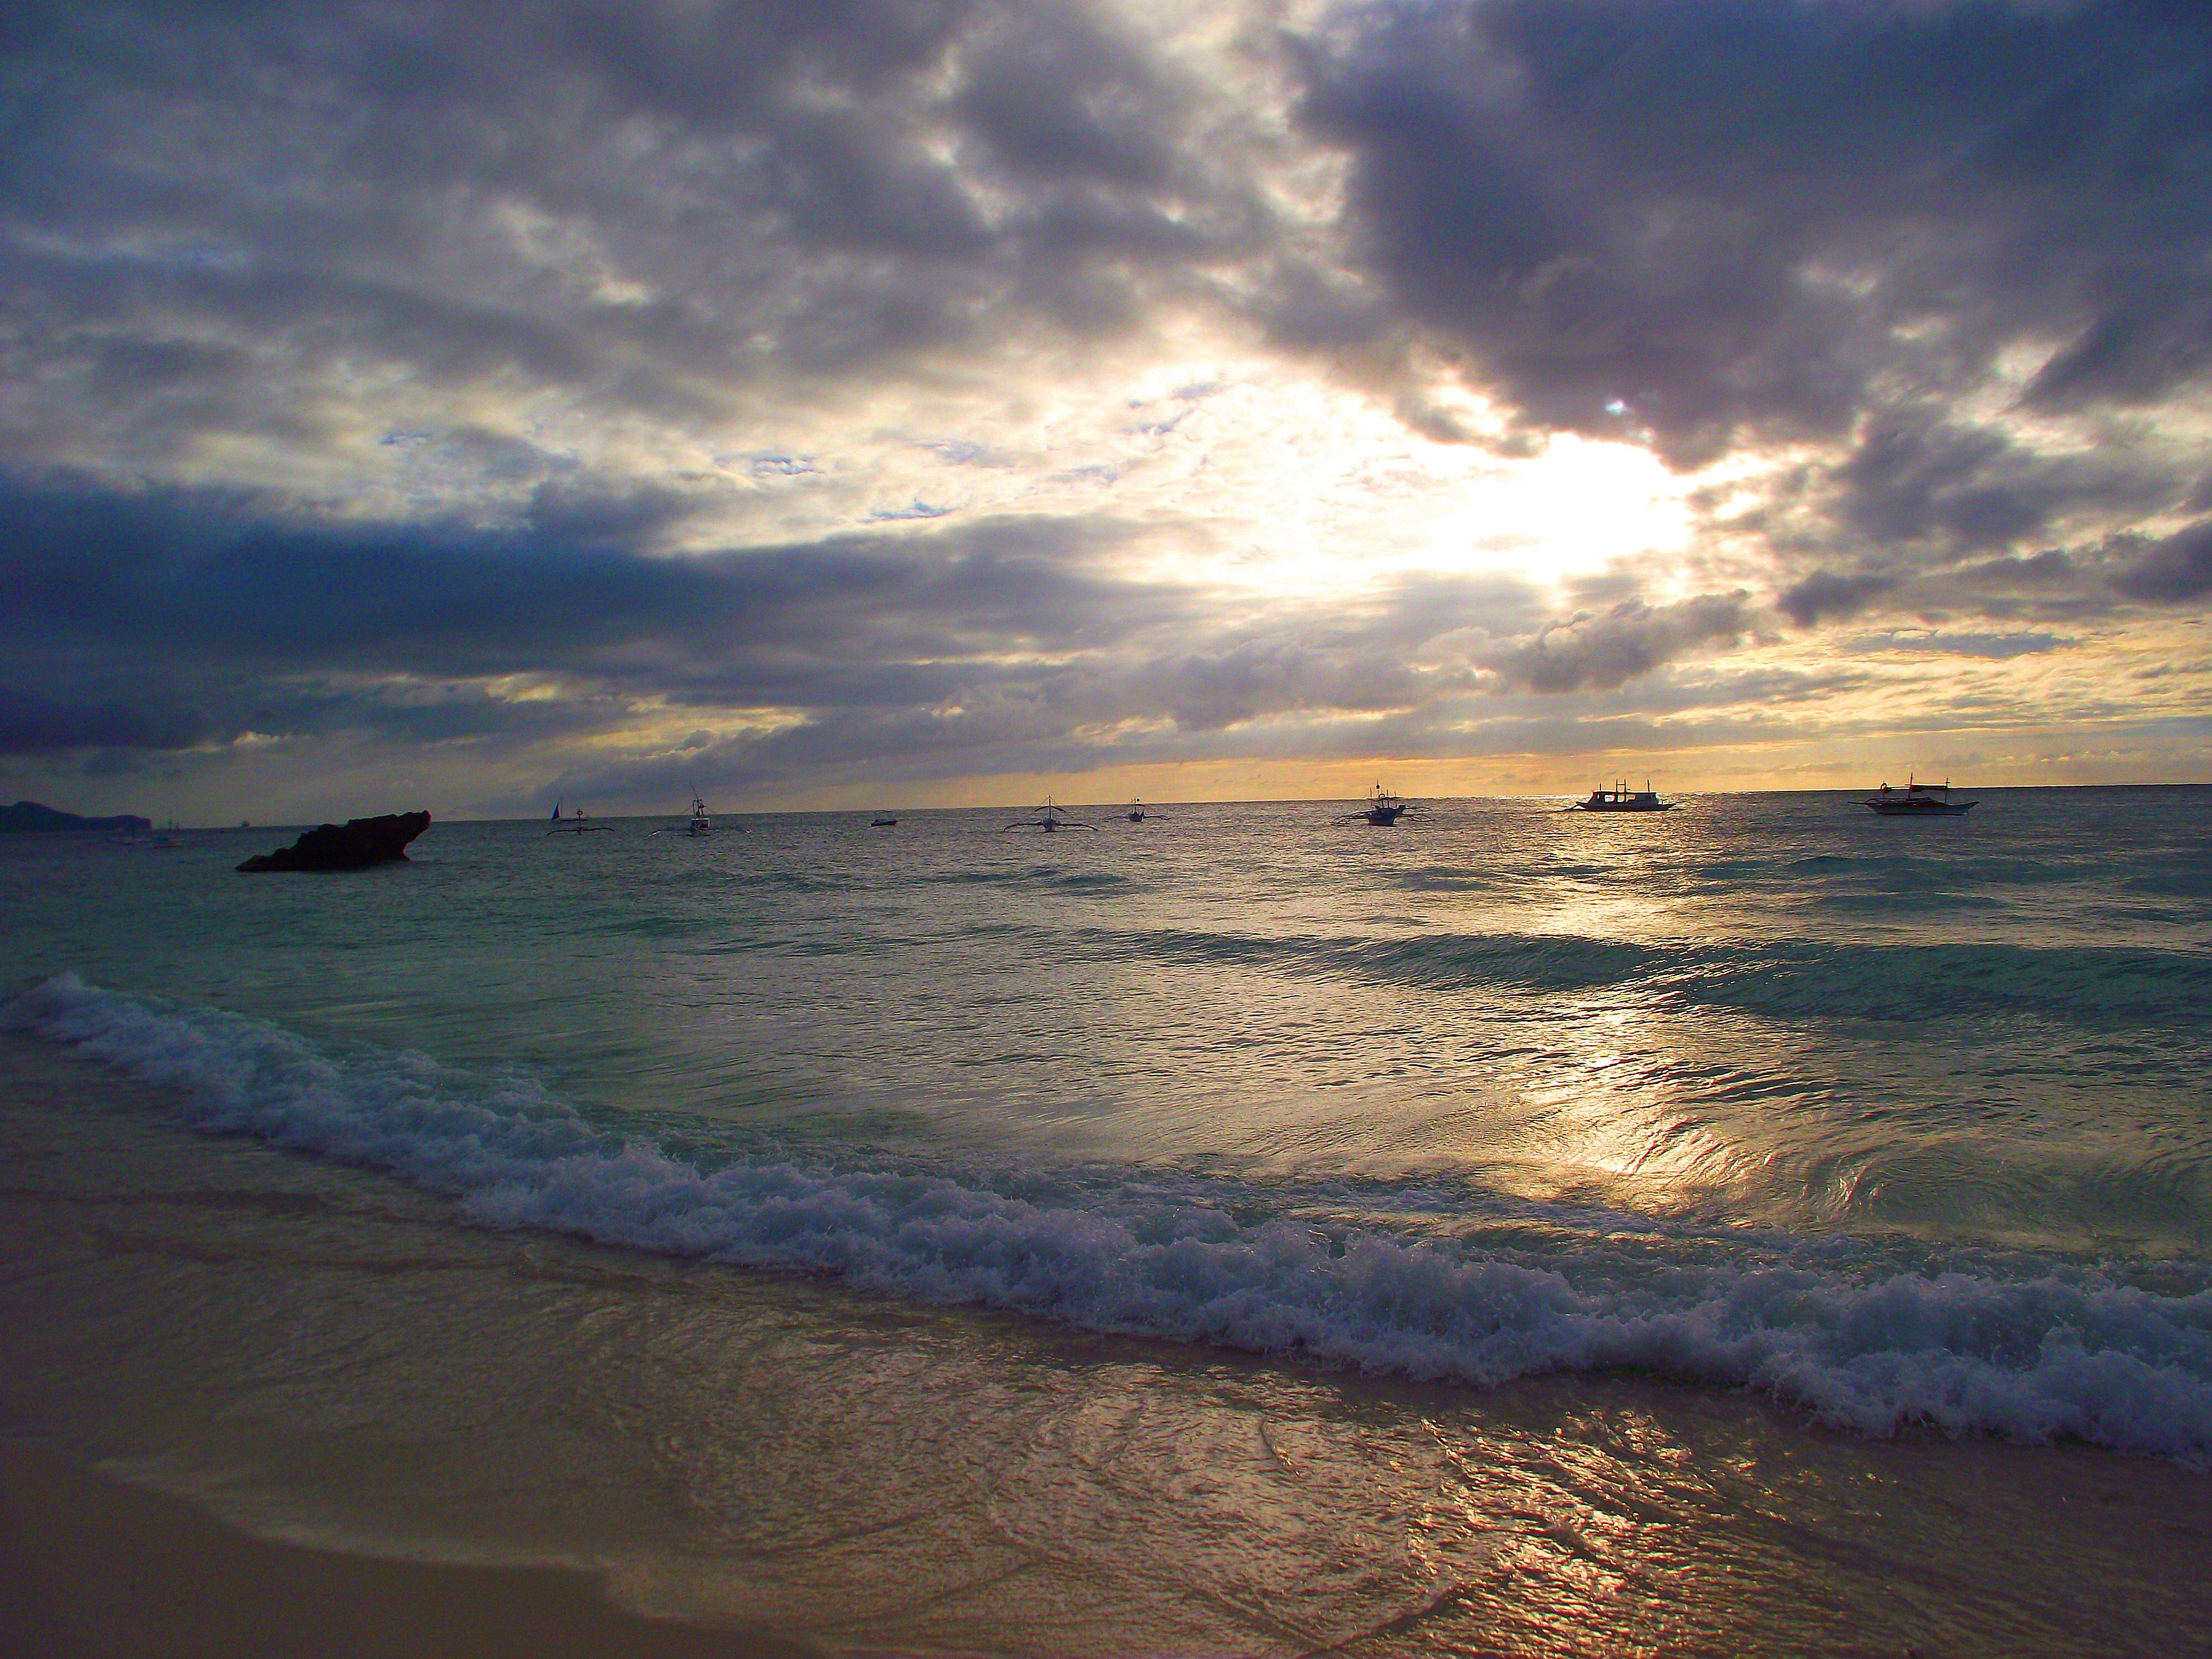 韦金勇:4天4000余元用英文9单词细游菲律宾宿务,薄荷,长滩等9岛6城镇